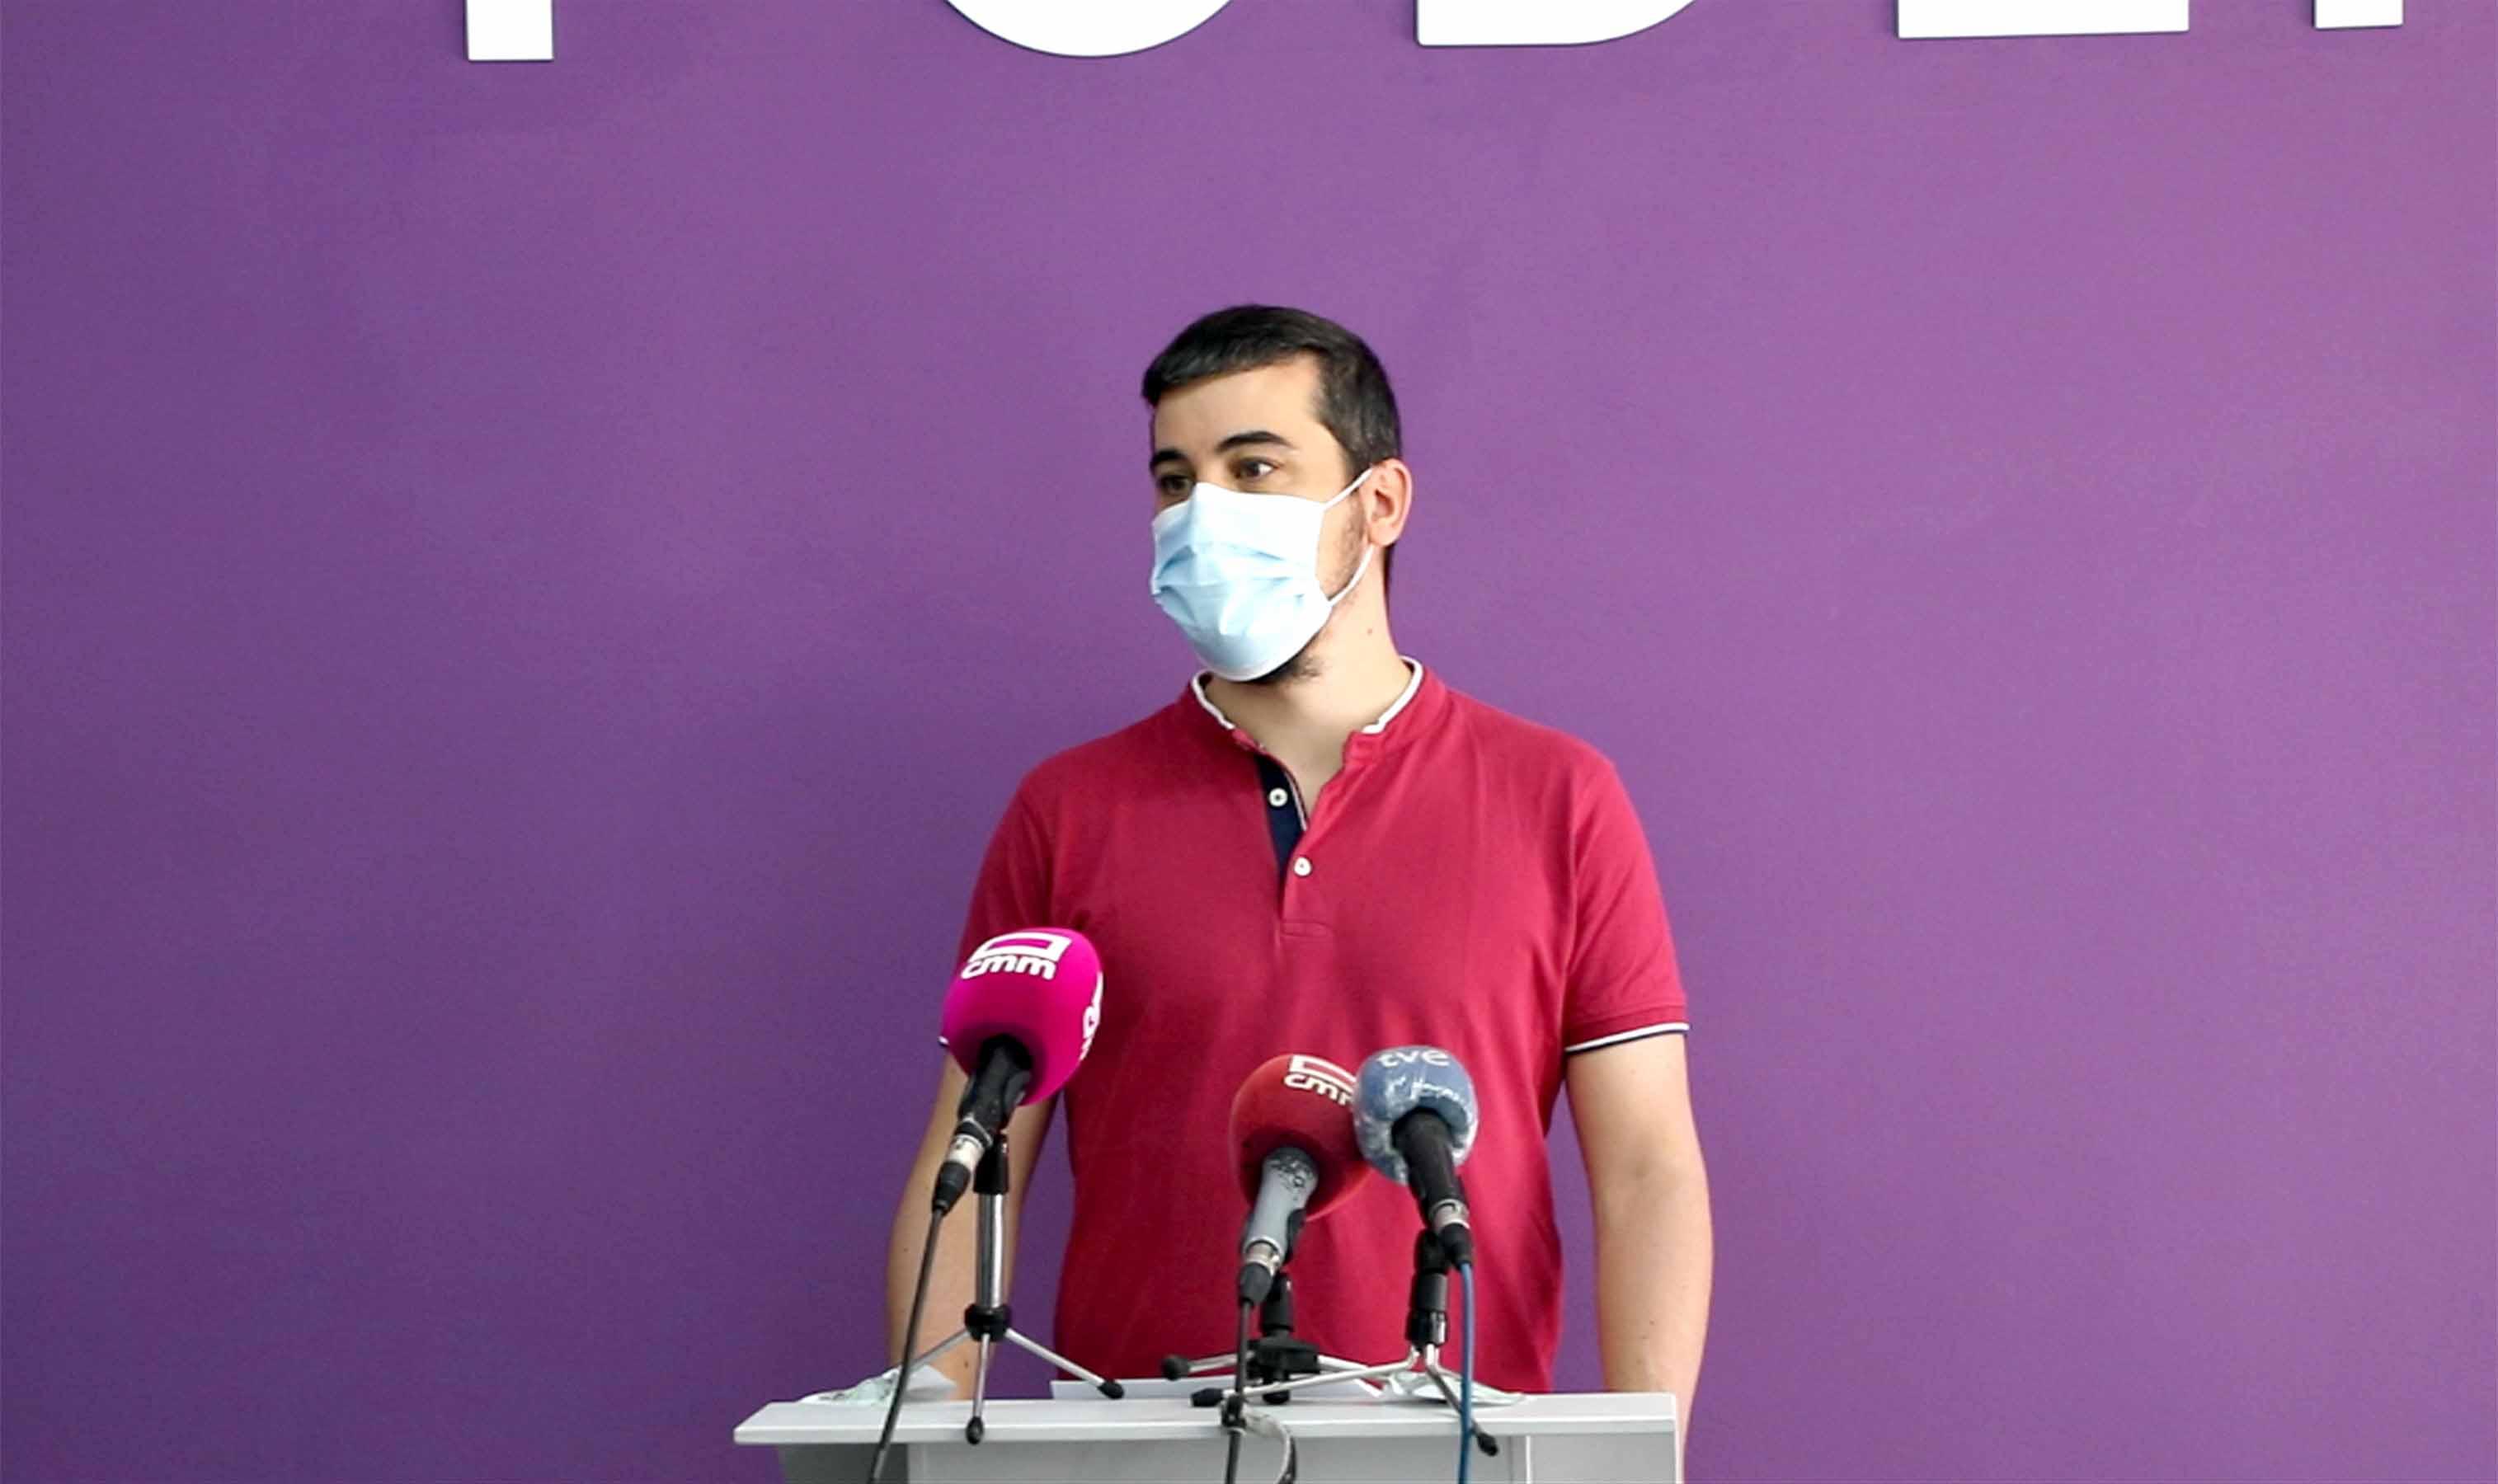 El coordinador autonómico de Podemos en Castilla-La Mancha, José Luis García Gascón